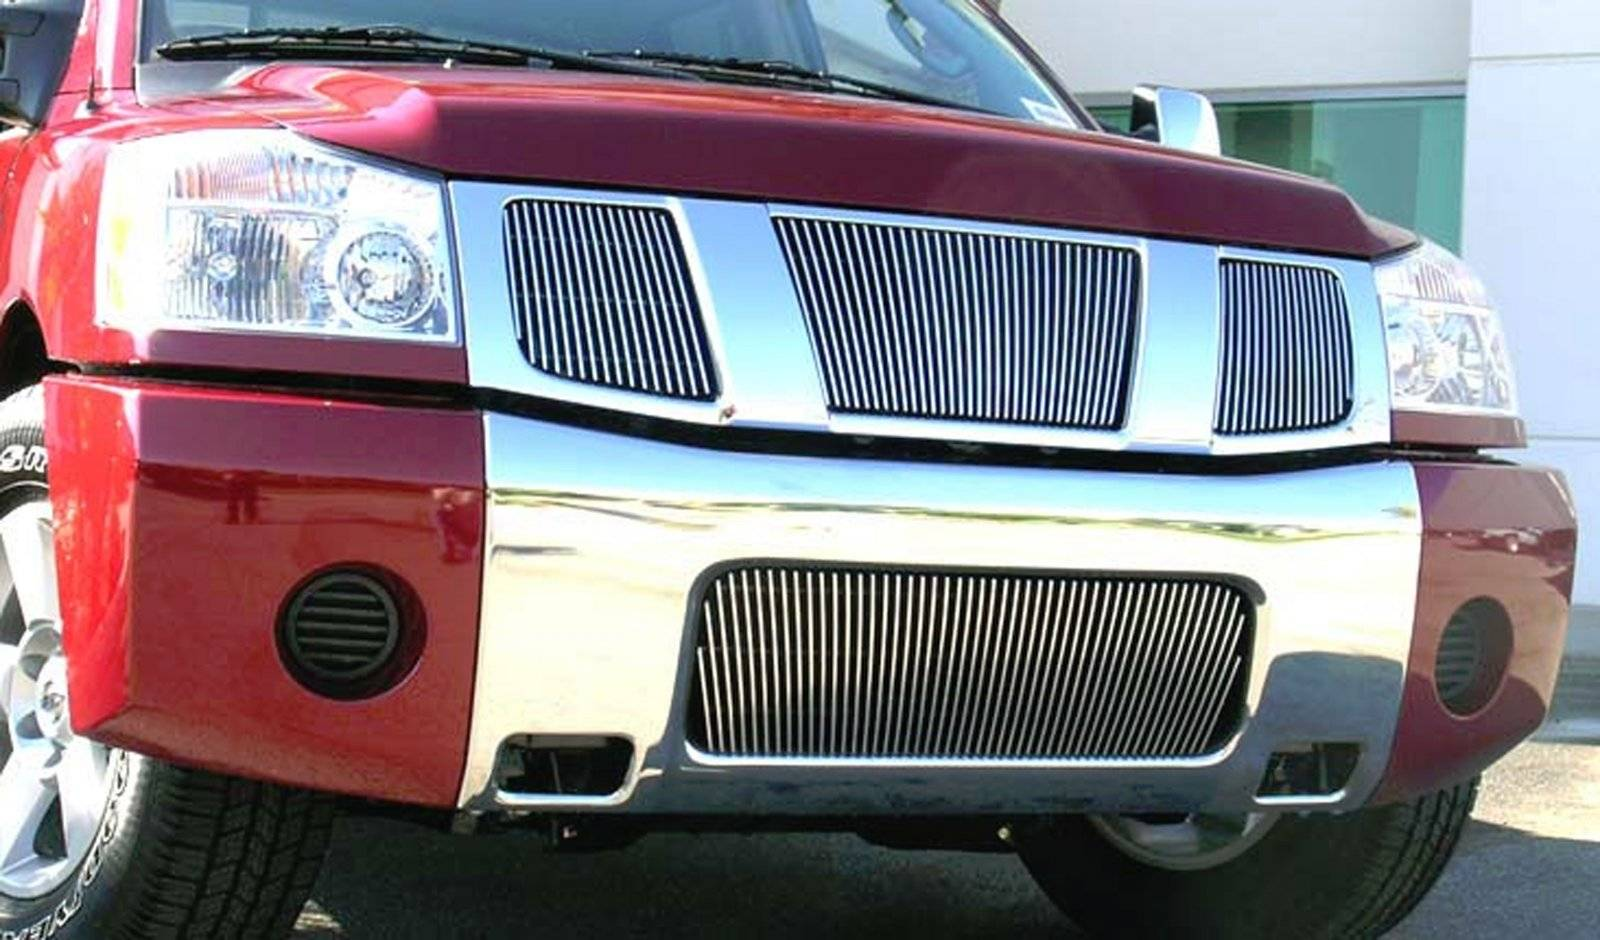 T-REX Grilles - Nissan Titan 04-07 Armada VERTICAL Billet Grille Overlay/Bolt On - VERTICAL - 3 Pc 32,16,16 Bars - Pt # 31780